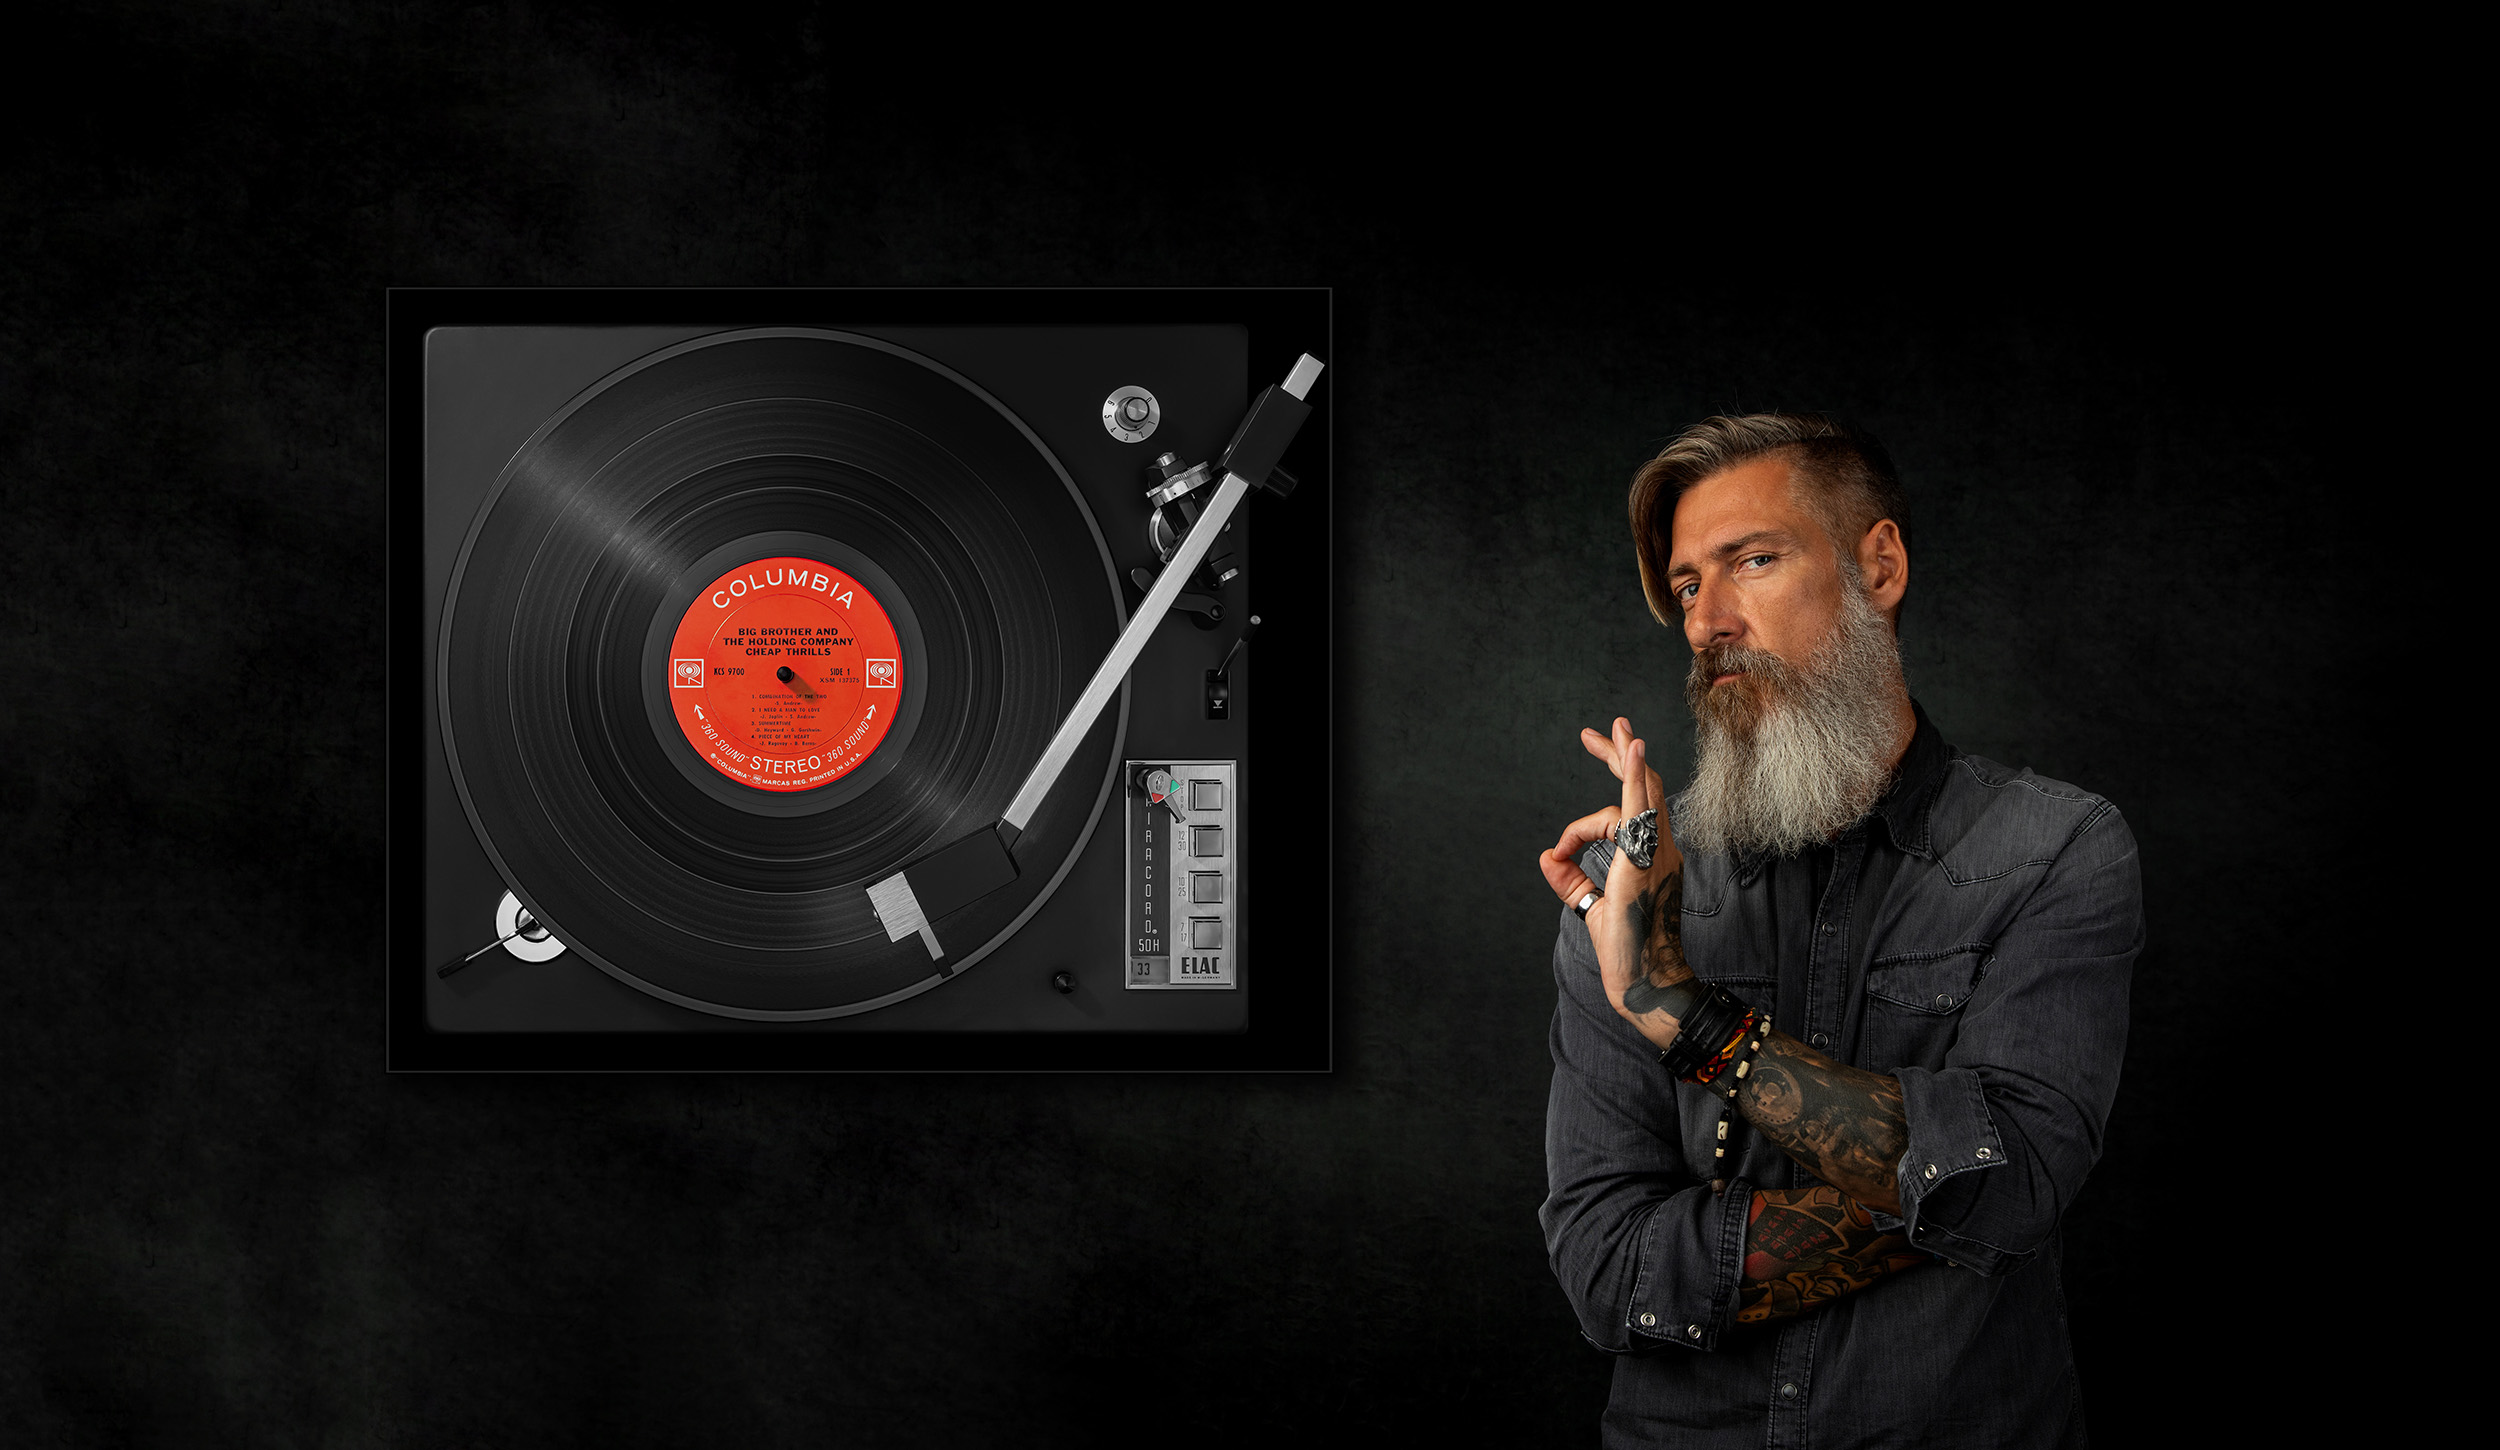 Vinylography by Gerd Schaller